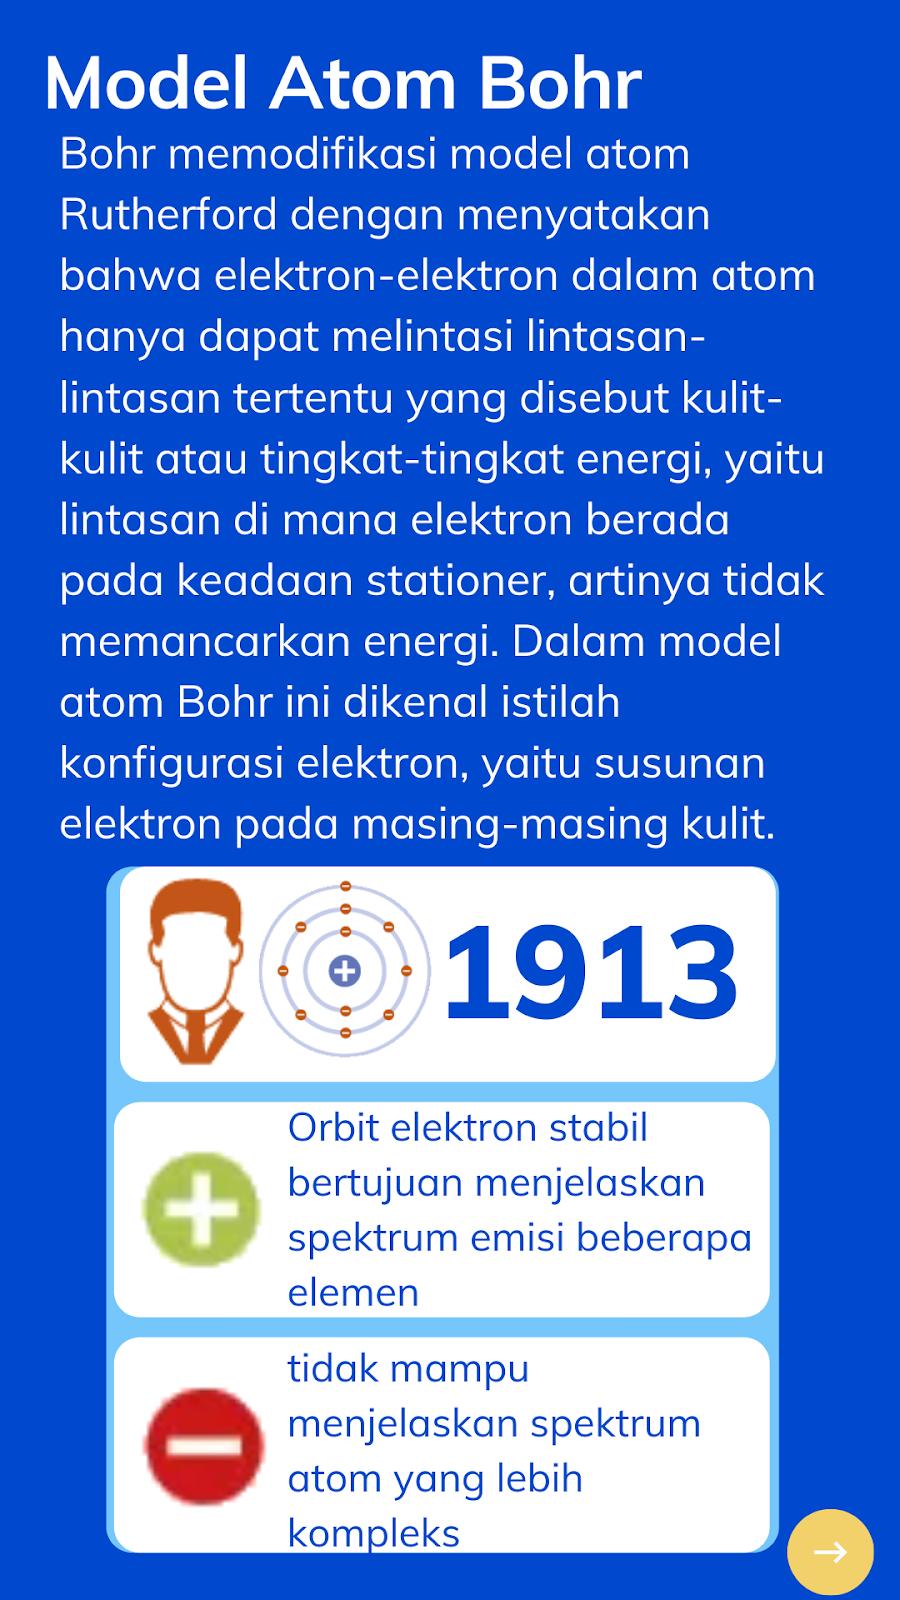 E:\DATA JIJI\ERAPEE Project\Chemistry\Gambar artikel\Sejarah Lengkap Perkembangan Teori Atom\5.png